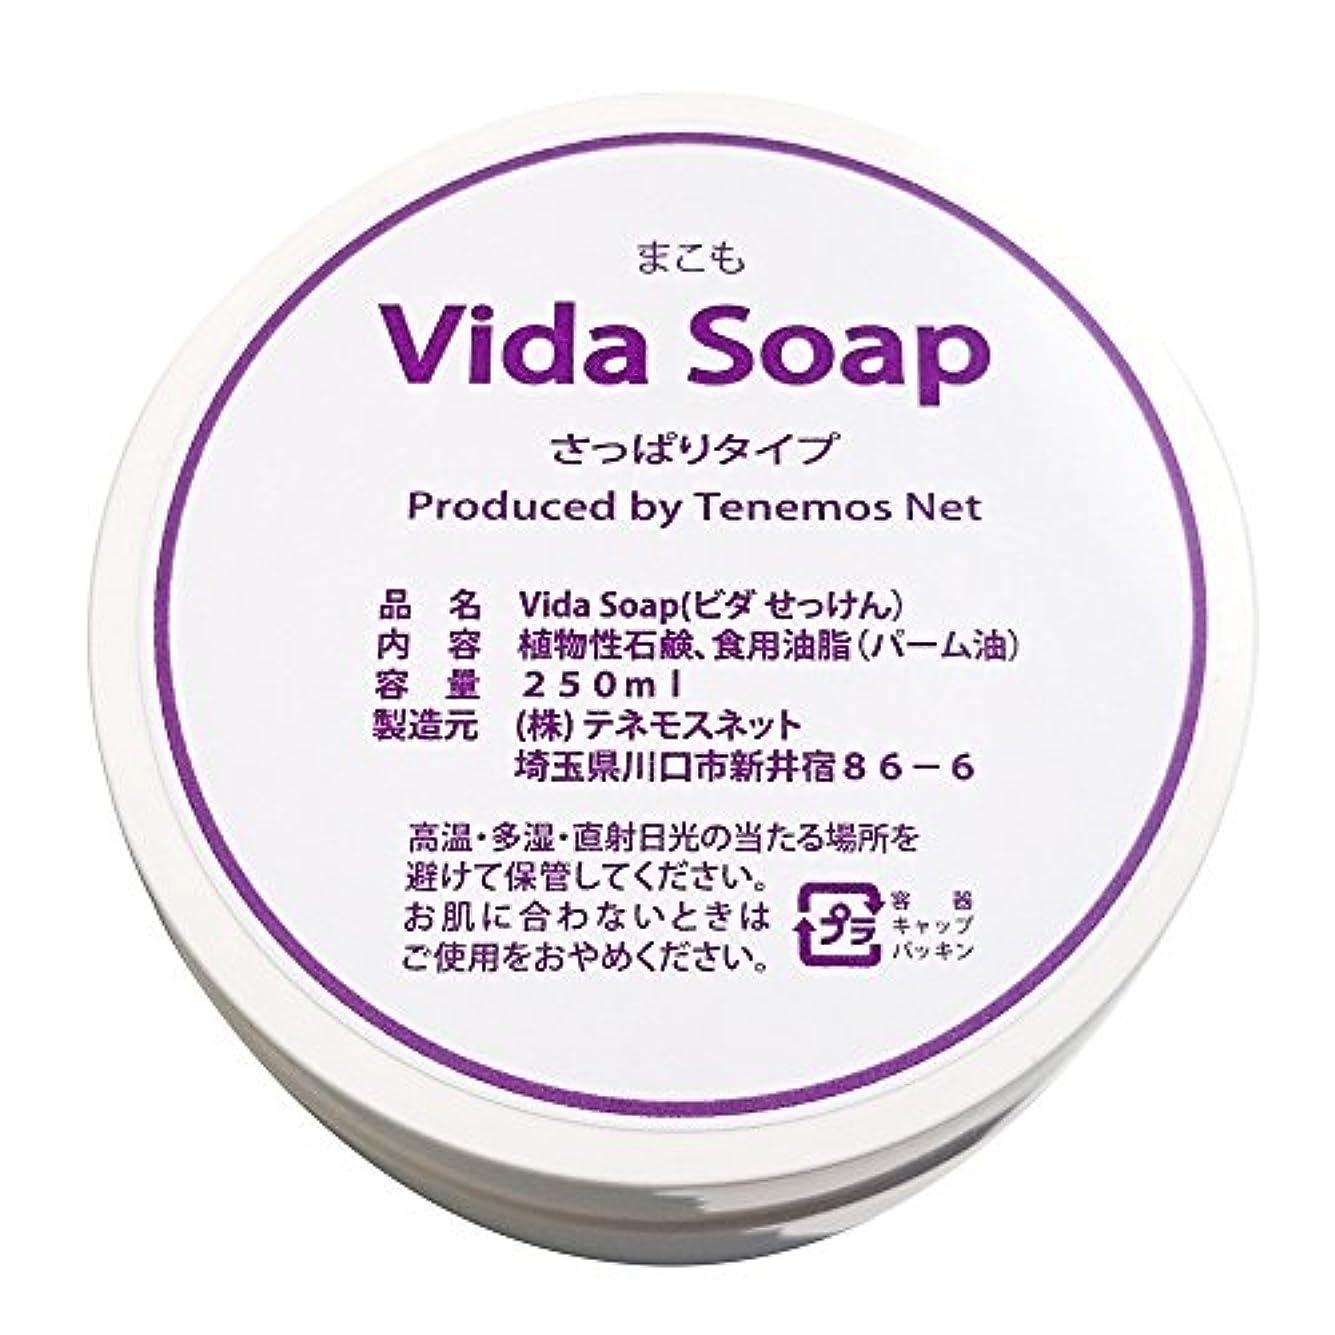 区別する区別ピービッシュテネモス ビダせっけん Vida Soap さっぱりまこも 植物性 250ml